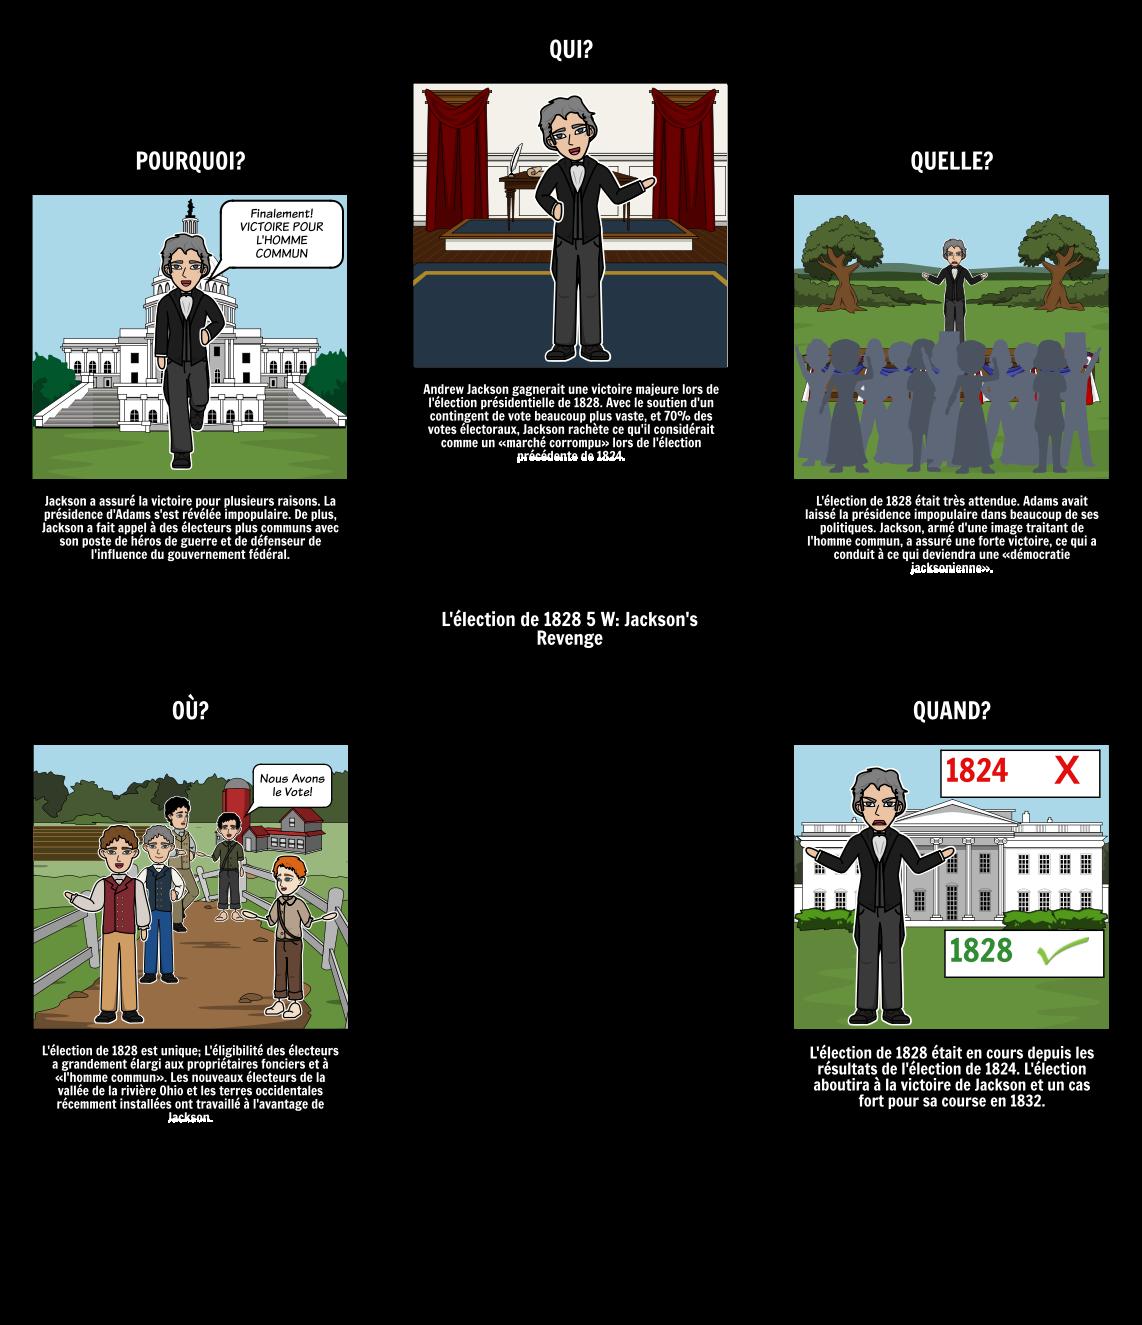 L'élection de 1828: la victoire de Jackson